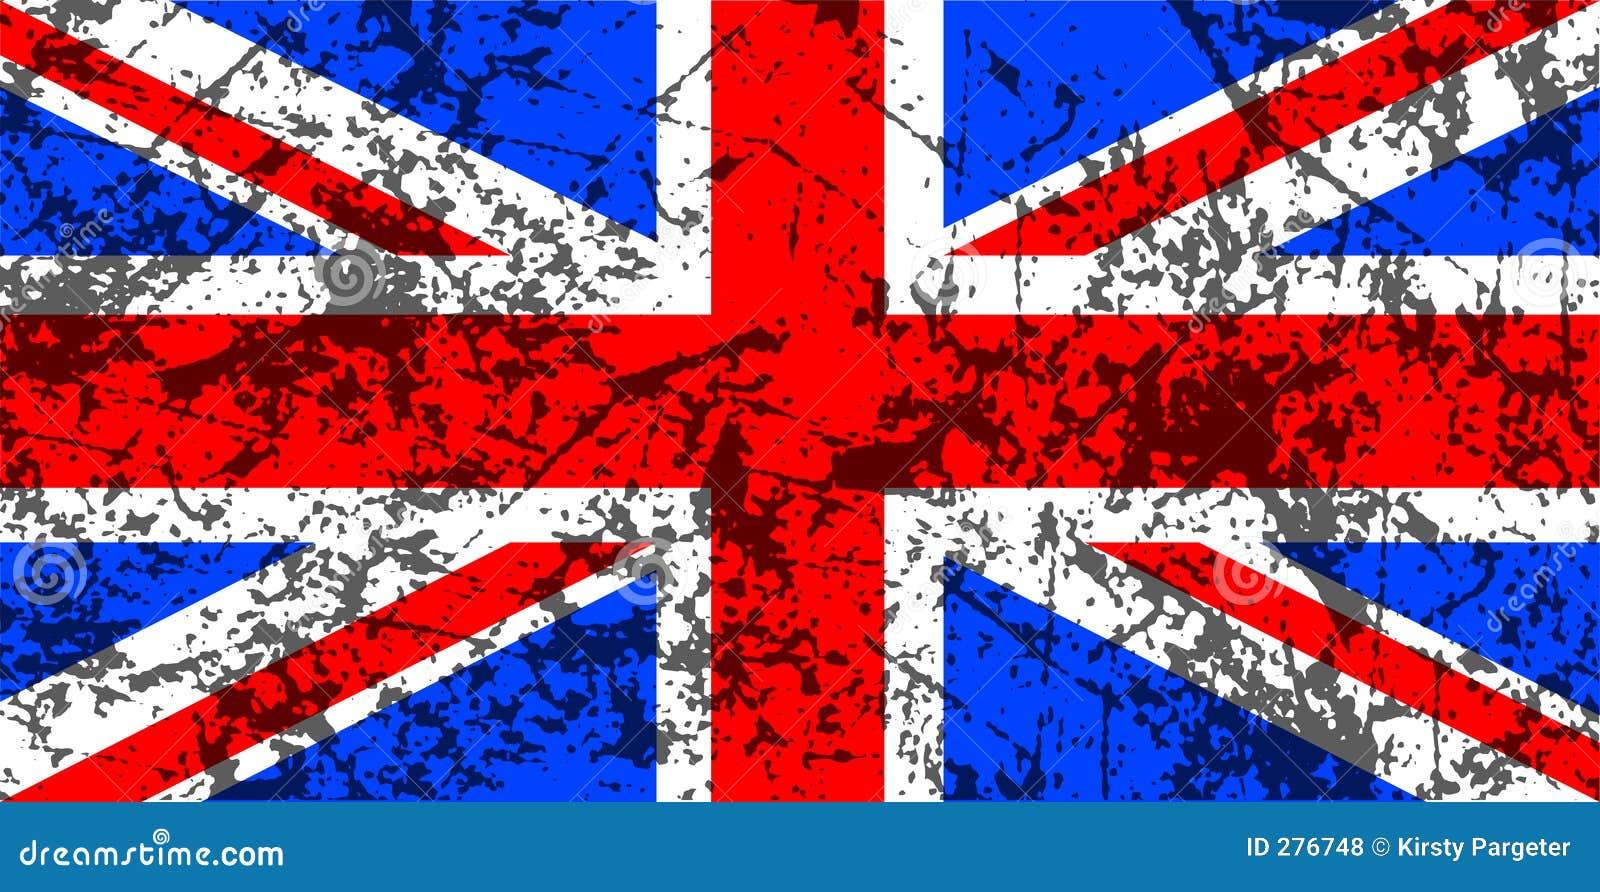 Grunge Union Jack Flag Royalty Free Stock Photos